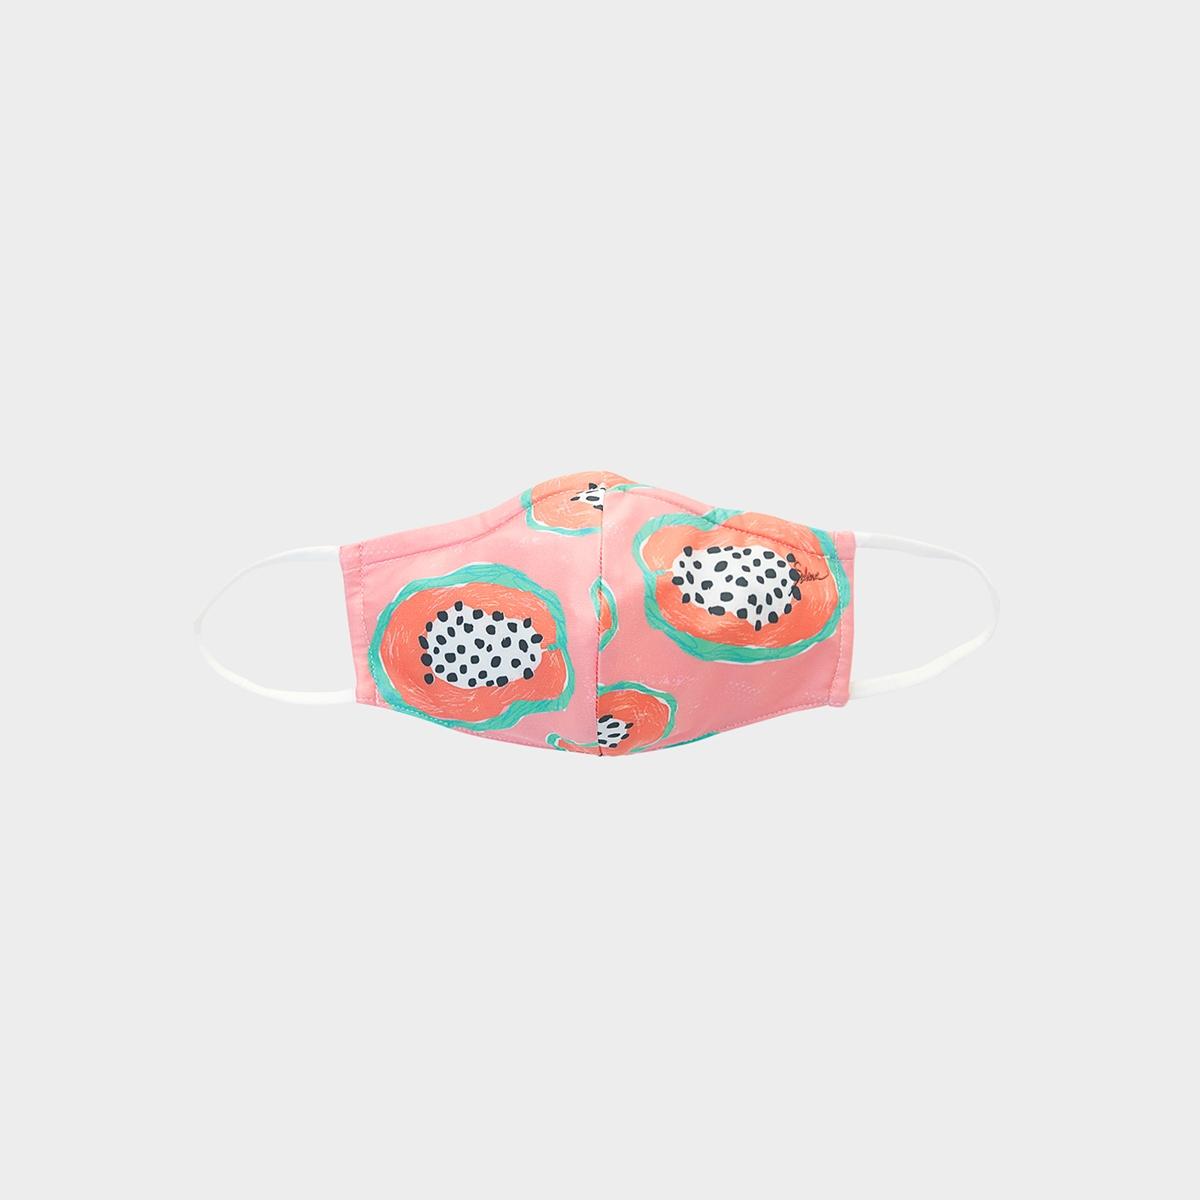 Sabina Thai Fruit Mask Pink